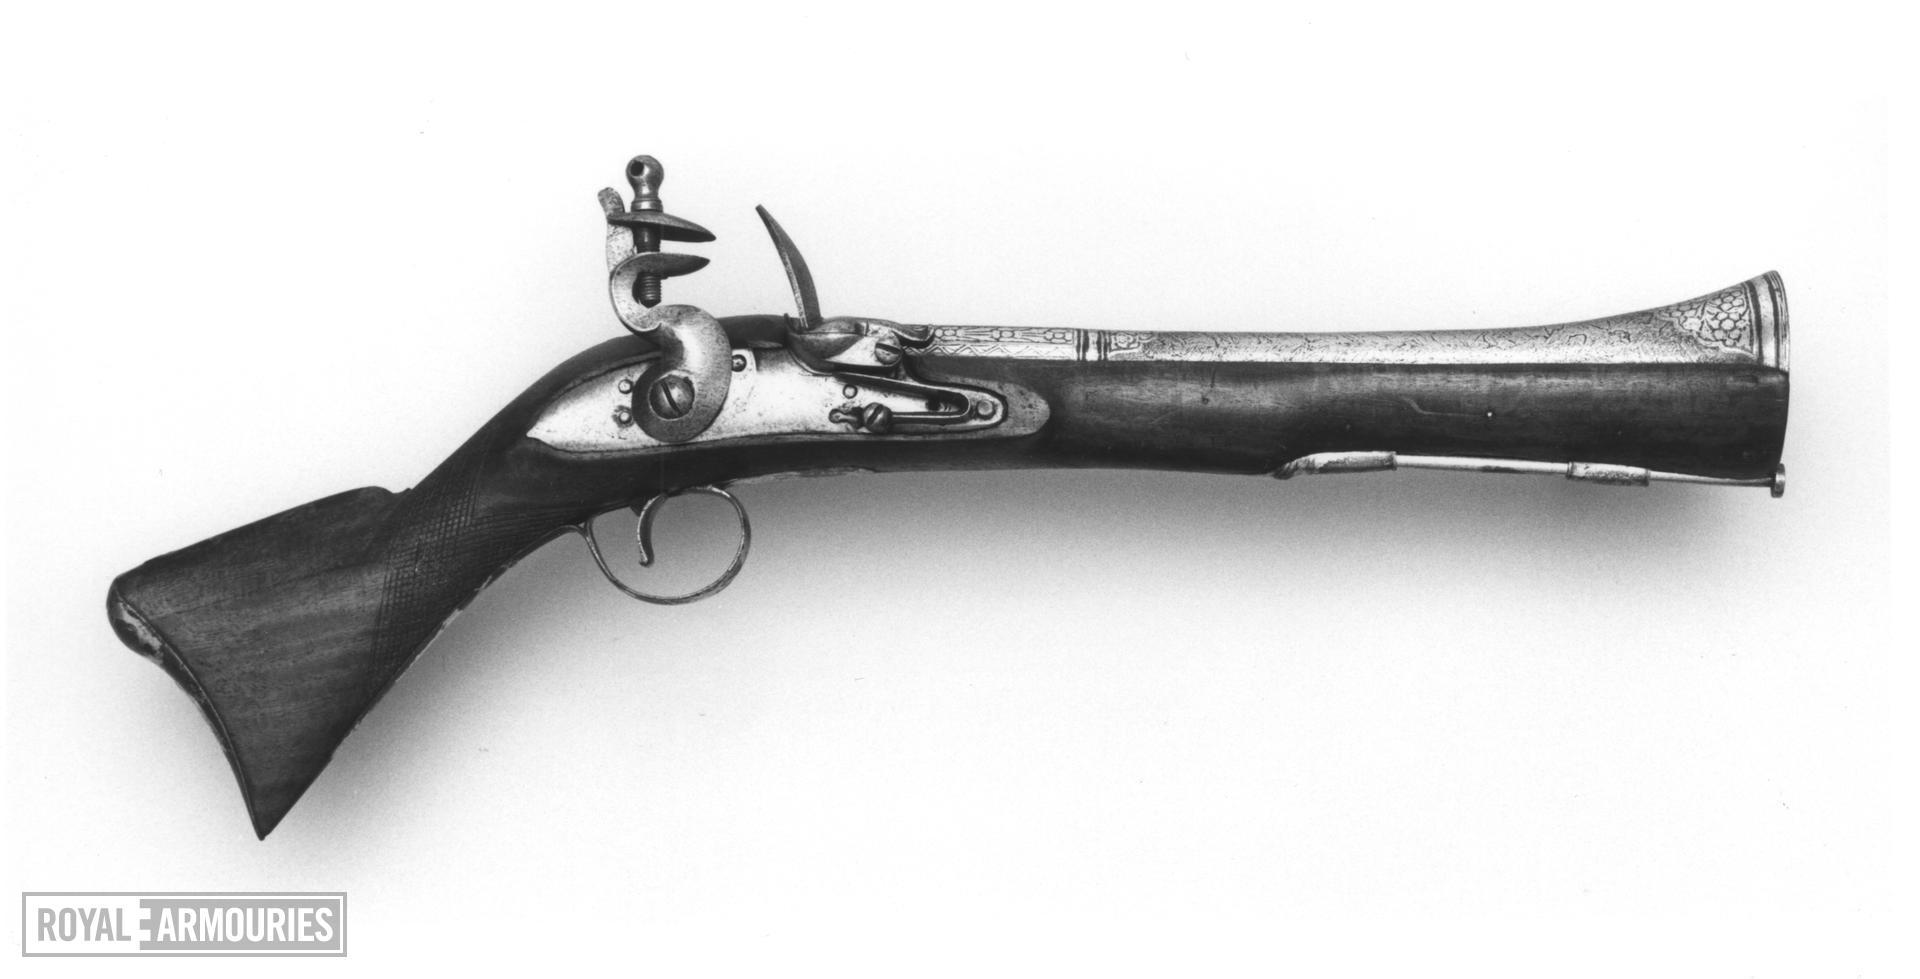 Flintlock blunderbuss pistol